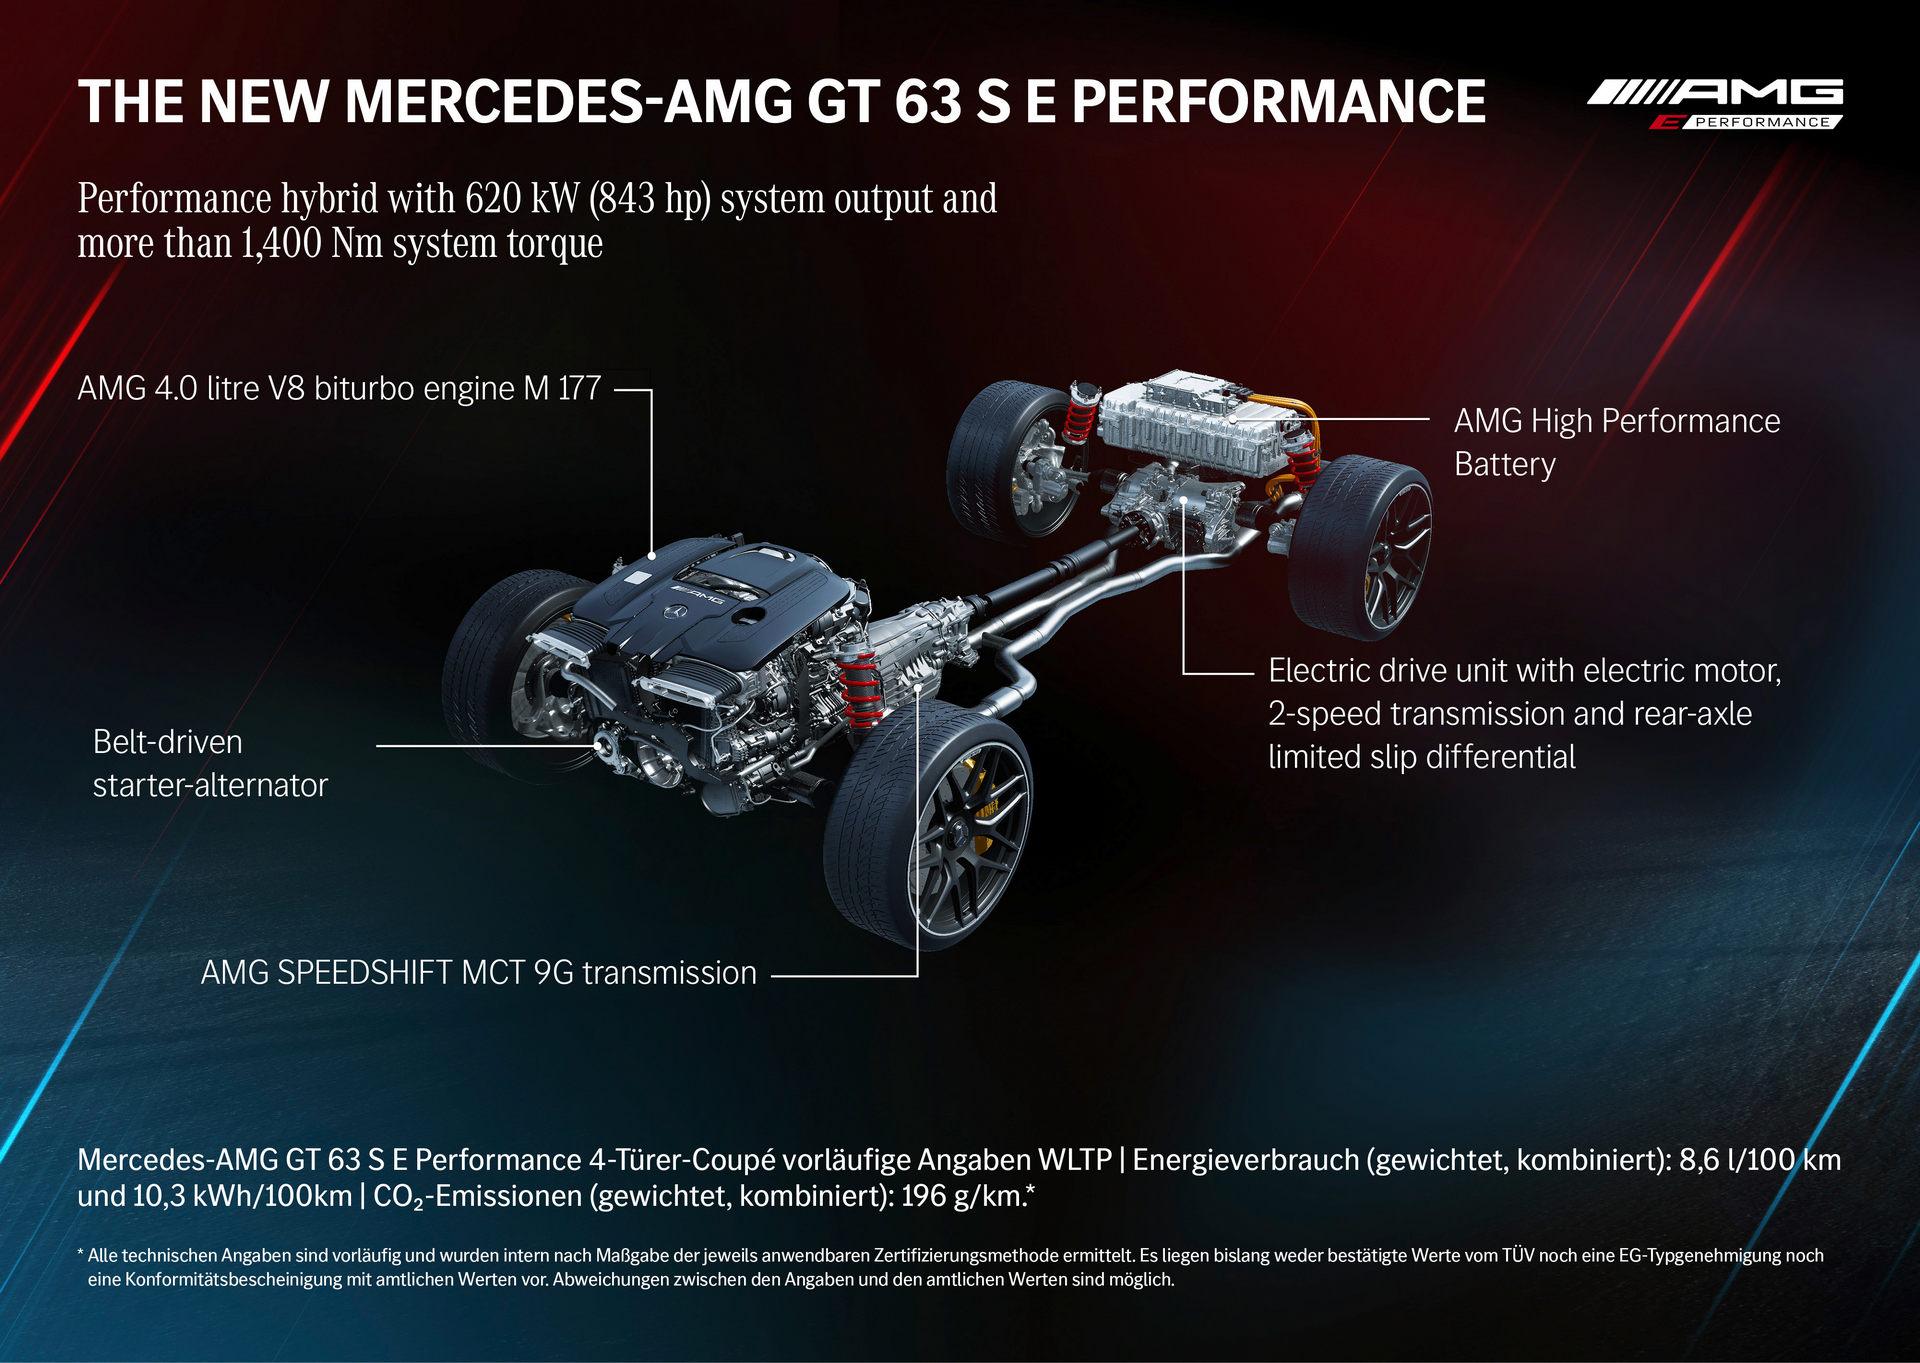 2021慕尼黑车展:梅赛德斯-AMG GT 63 S E Performance首发